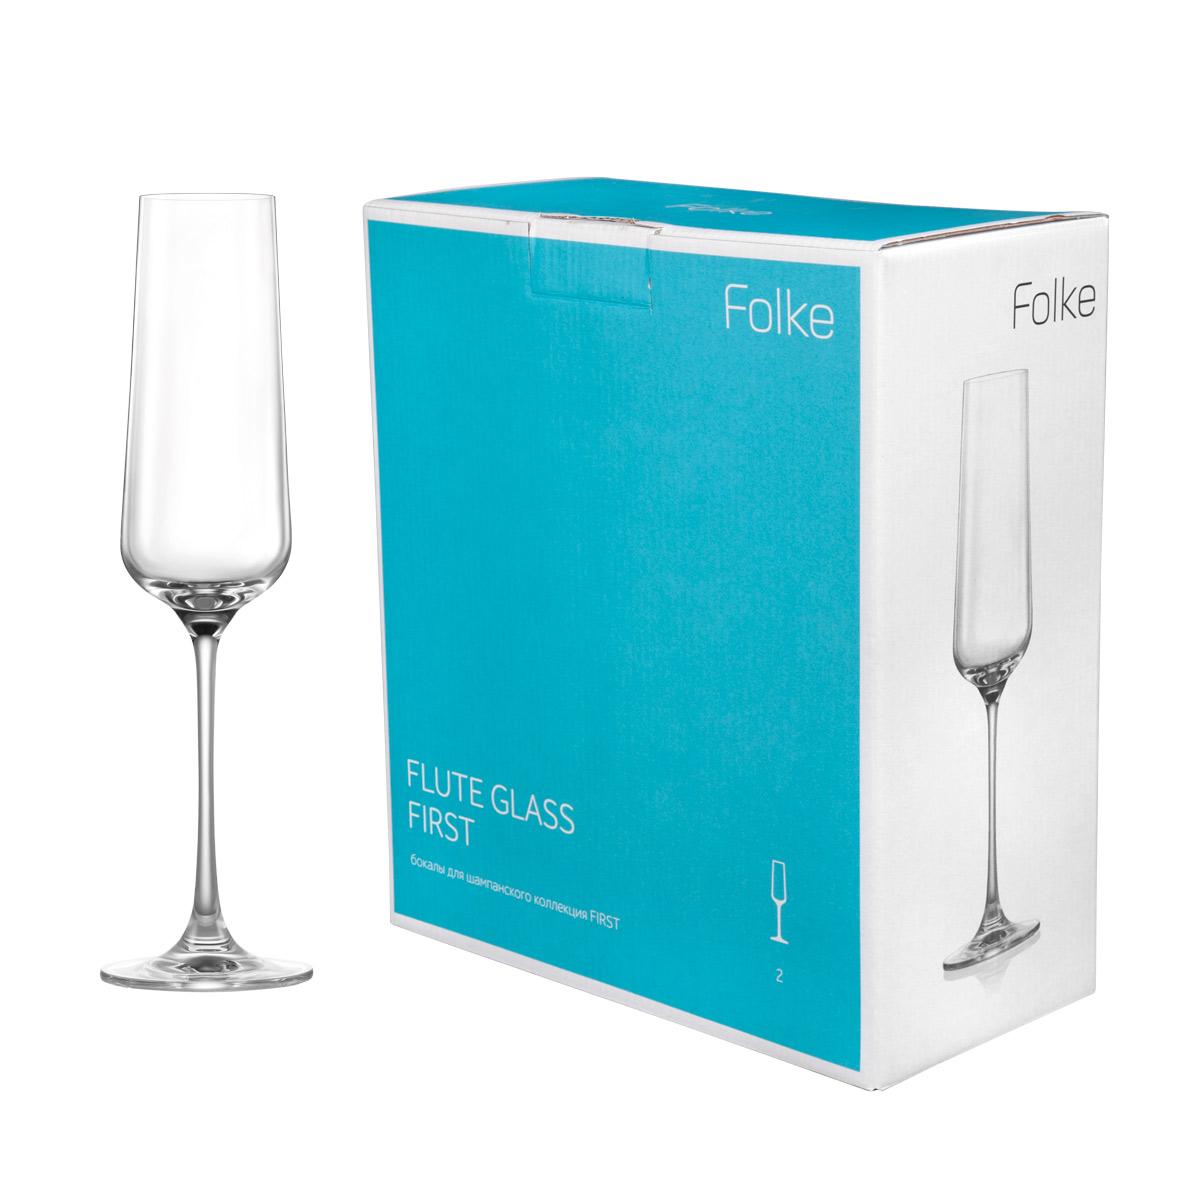 Набор фужеров для шампанского Folke Flute Glass, 270 мл, 2 шт. 2007173U2007173UНабор Folke Flute Glass - это фужеры для шампанского из бессвинцового хрусталя высшего качества.Изделия отличаются исключительной чистотой и повышенной устойчивостью к механическим повреждениям. Улучшенные характеристики изделий позволяют использовать их повседневно в домашних условиях и в ресторанном бизнесе. Оригинальный дизайн позволяет любому напитку полностью раскрыться и заиграть новыми красками. Это поистине уникальное творение современных технологий и многолетнего опыта лучших мировых сомелье.